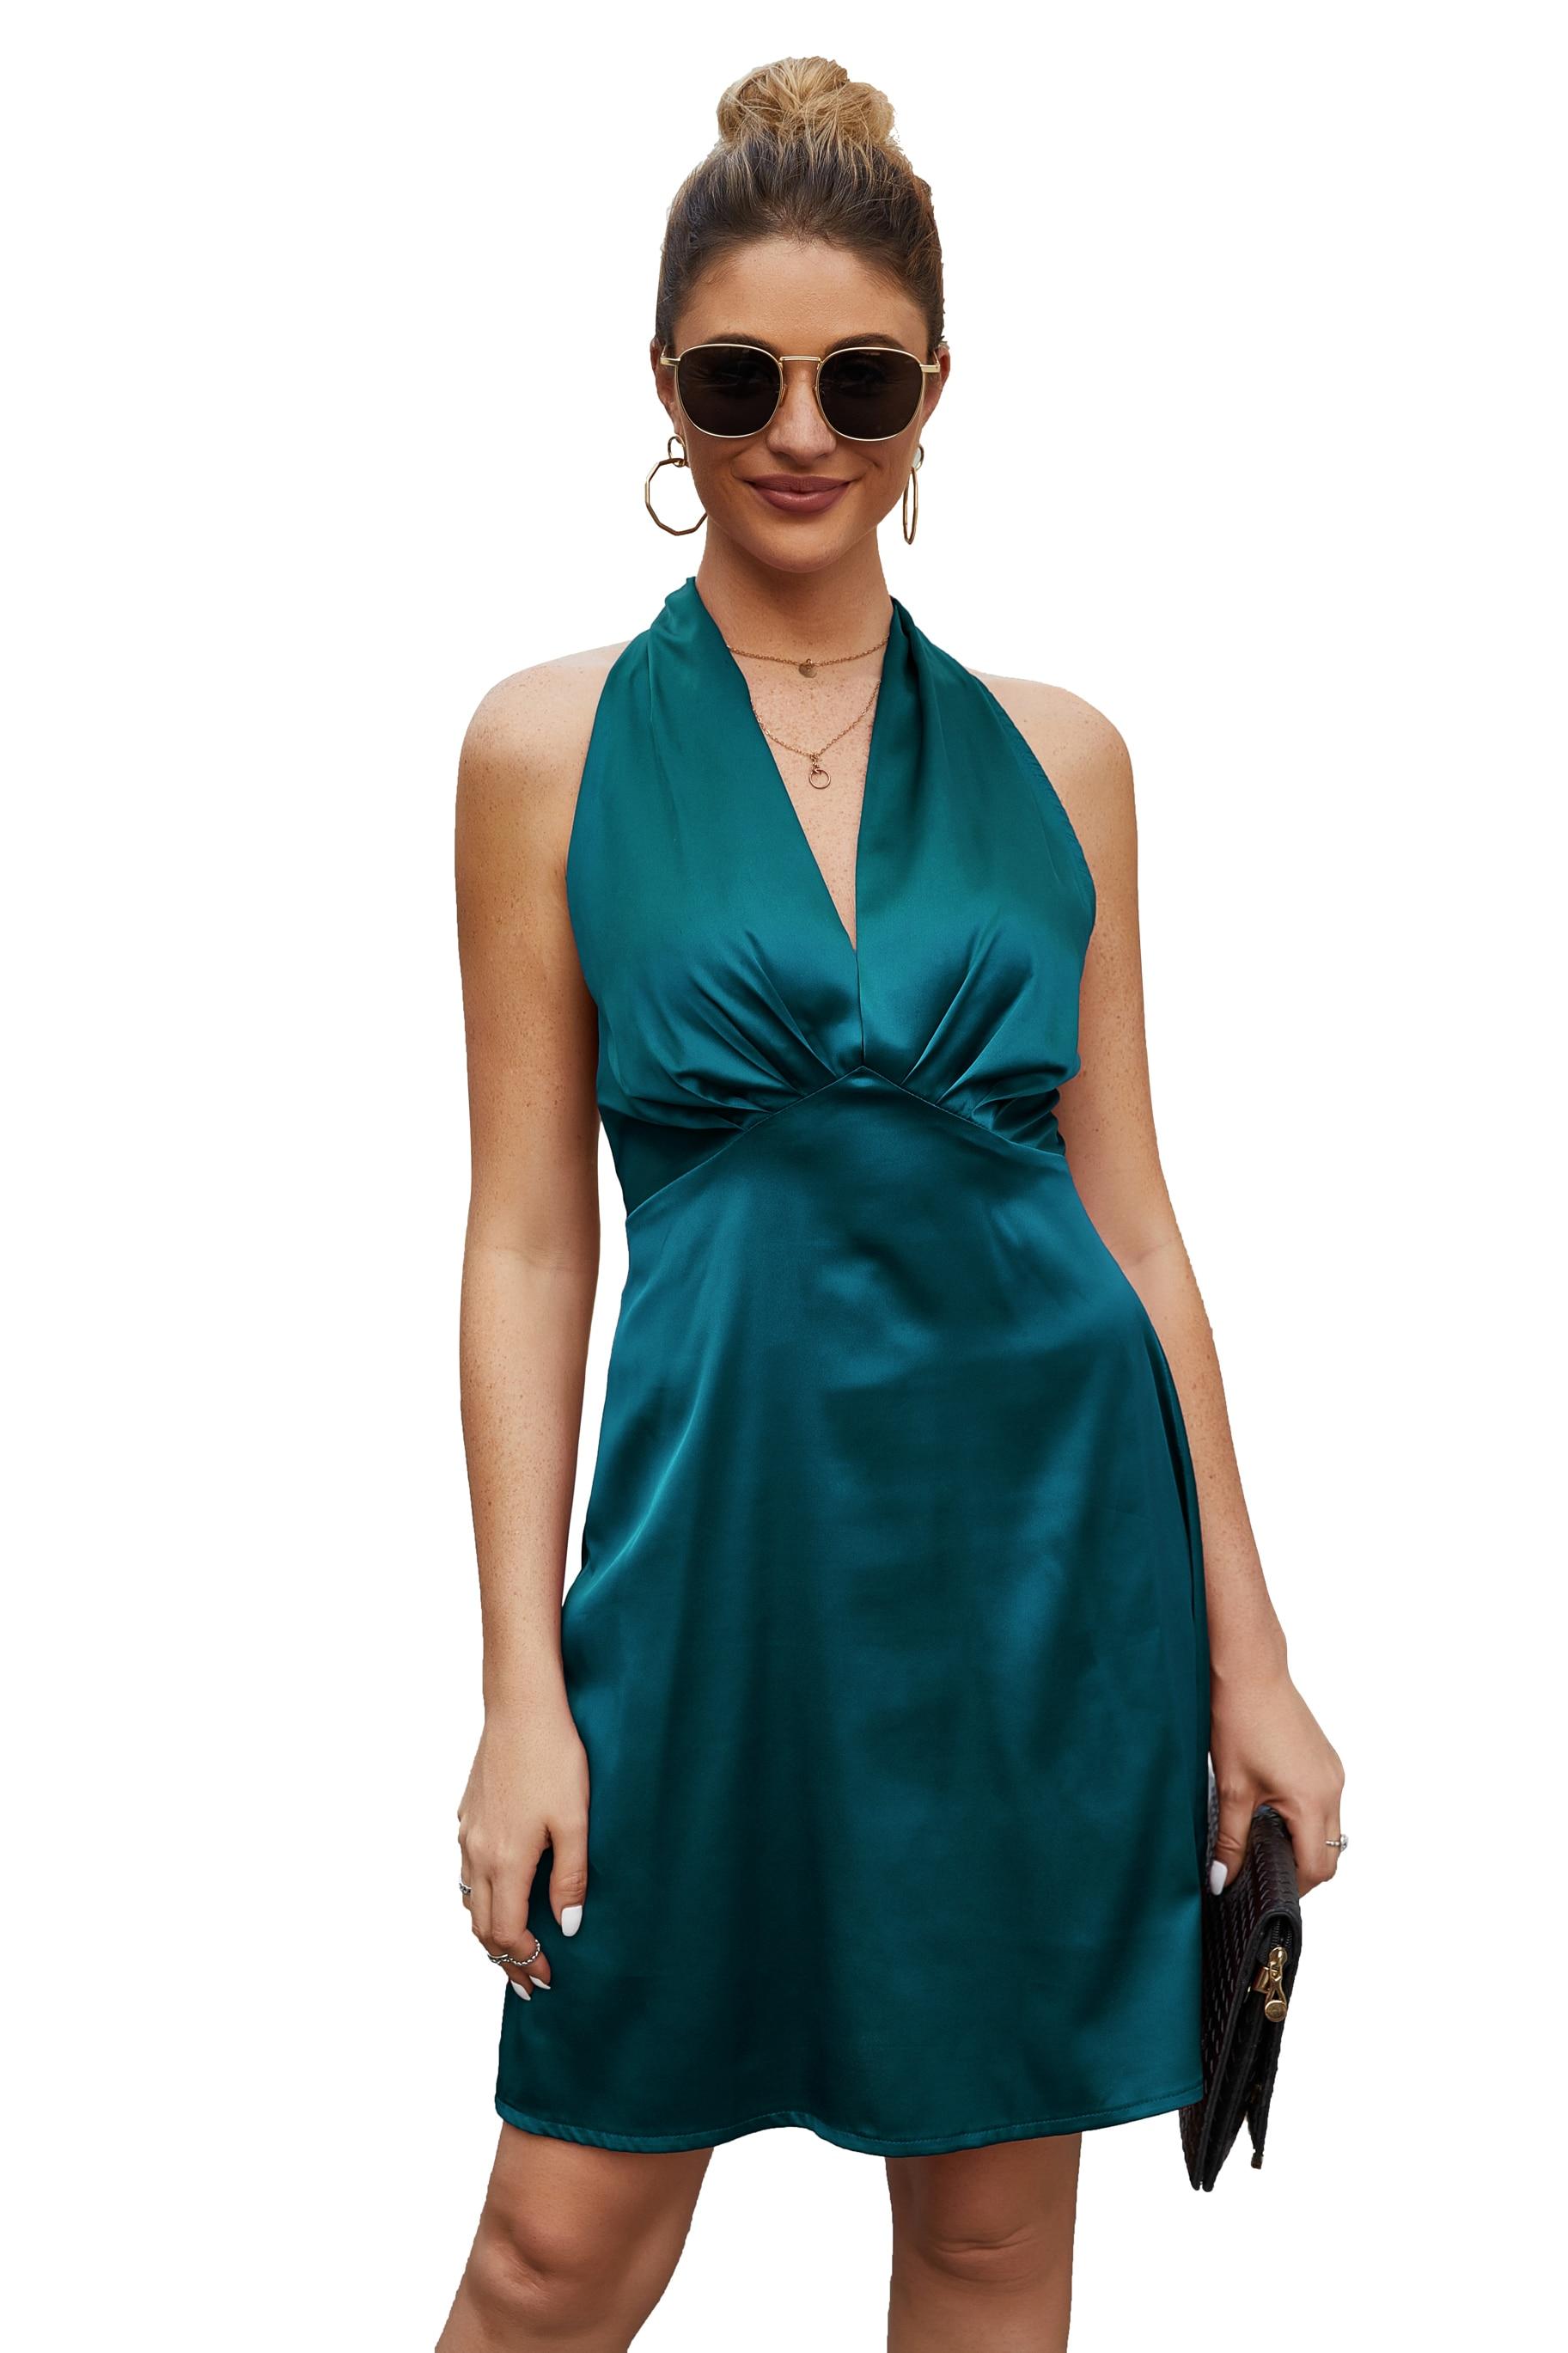 Женское платье с v образным воротом сексуальным вырезом на спине